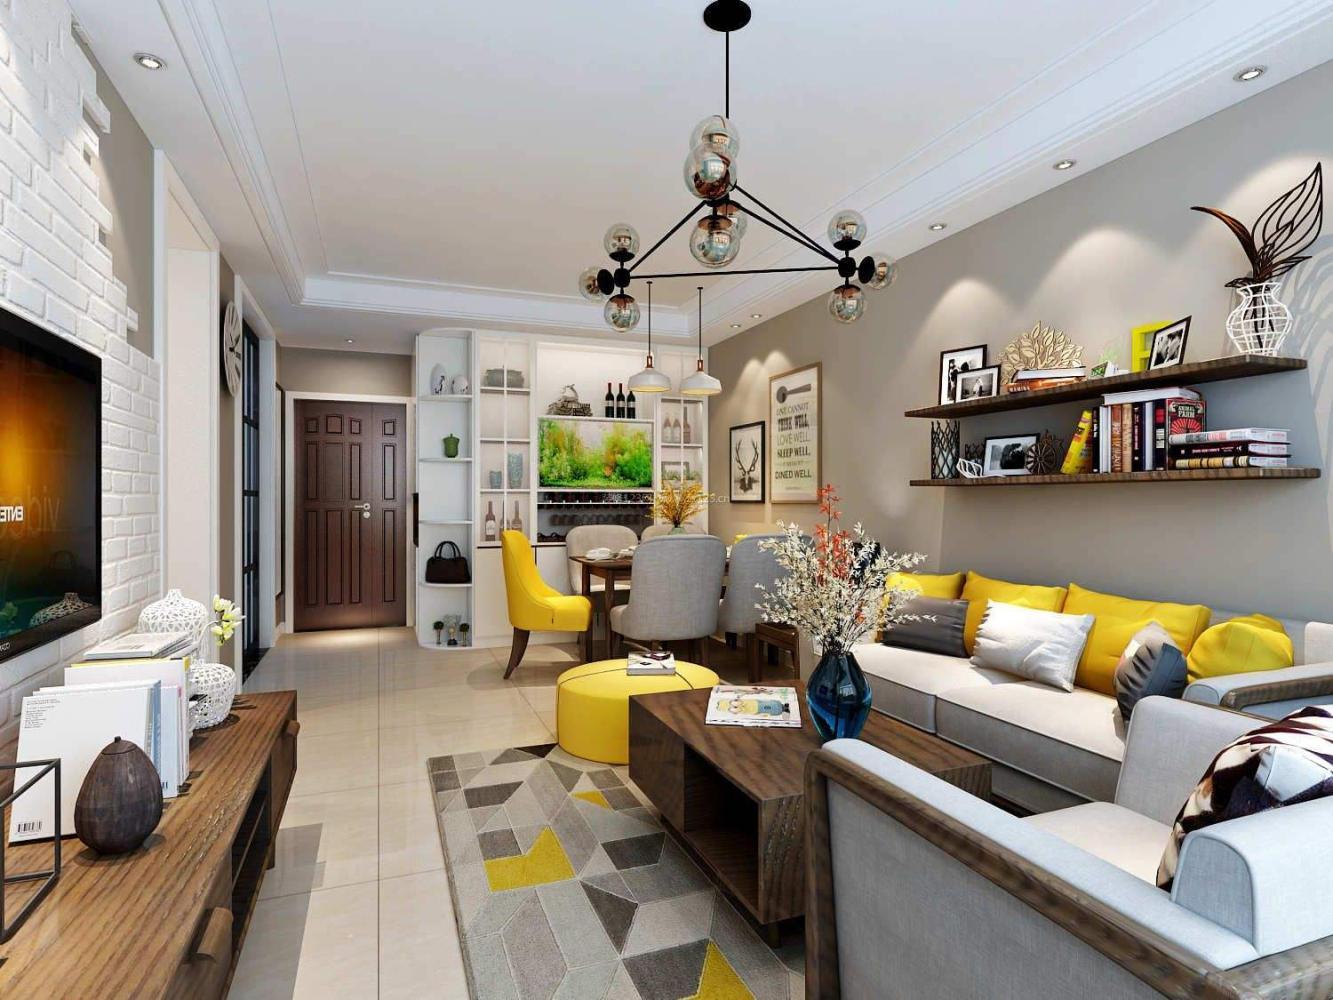 新房装修设计风格解析: 北欧极简风格!